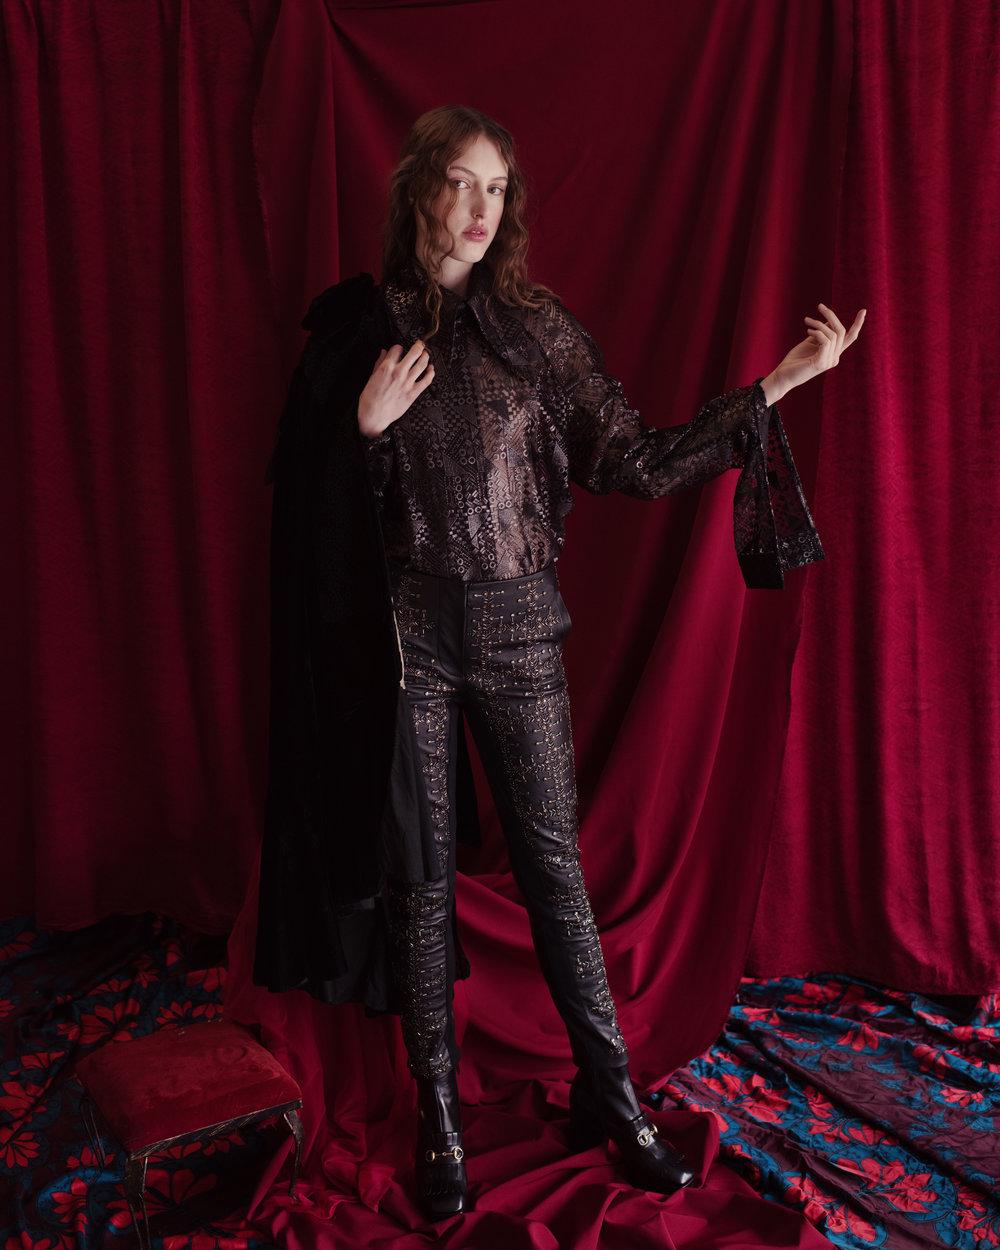 Capa de  MIMI PROBER , blusa de  LANDEROS , pantalón de  ALBERTA FERRETTI  y zapatos de  GUCCI.